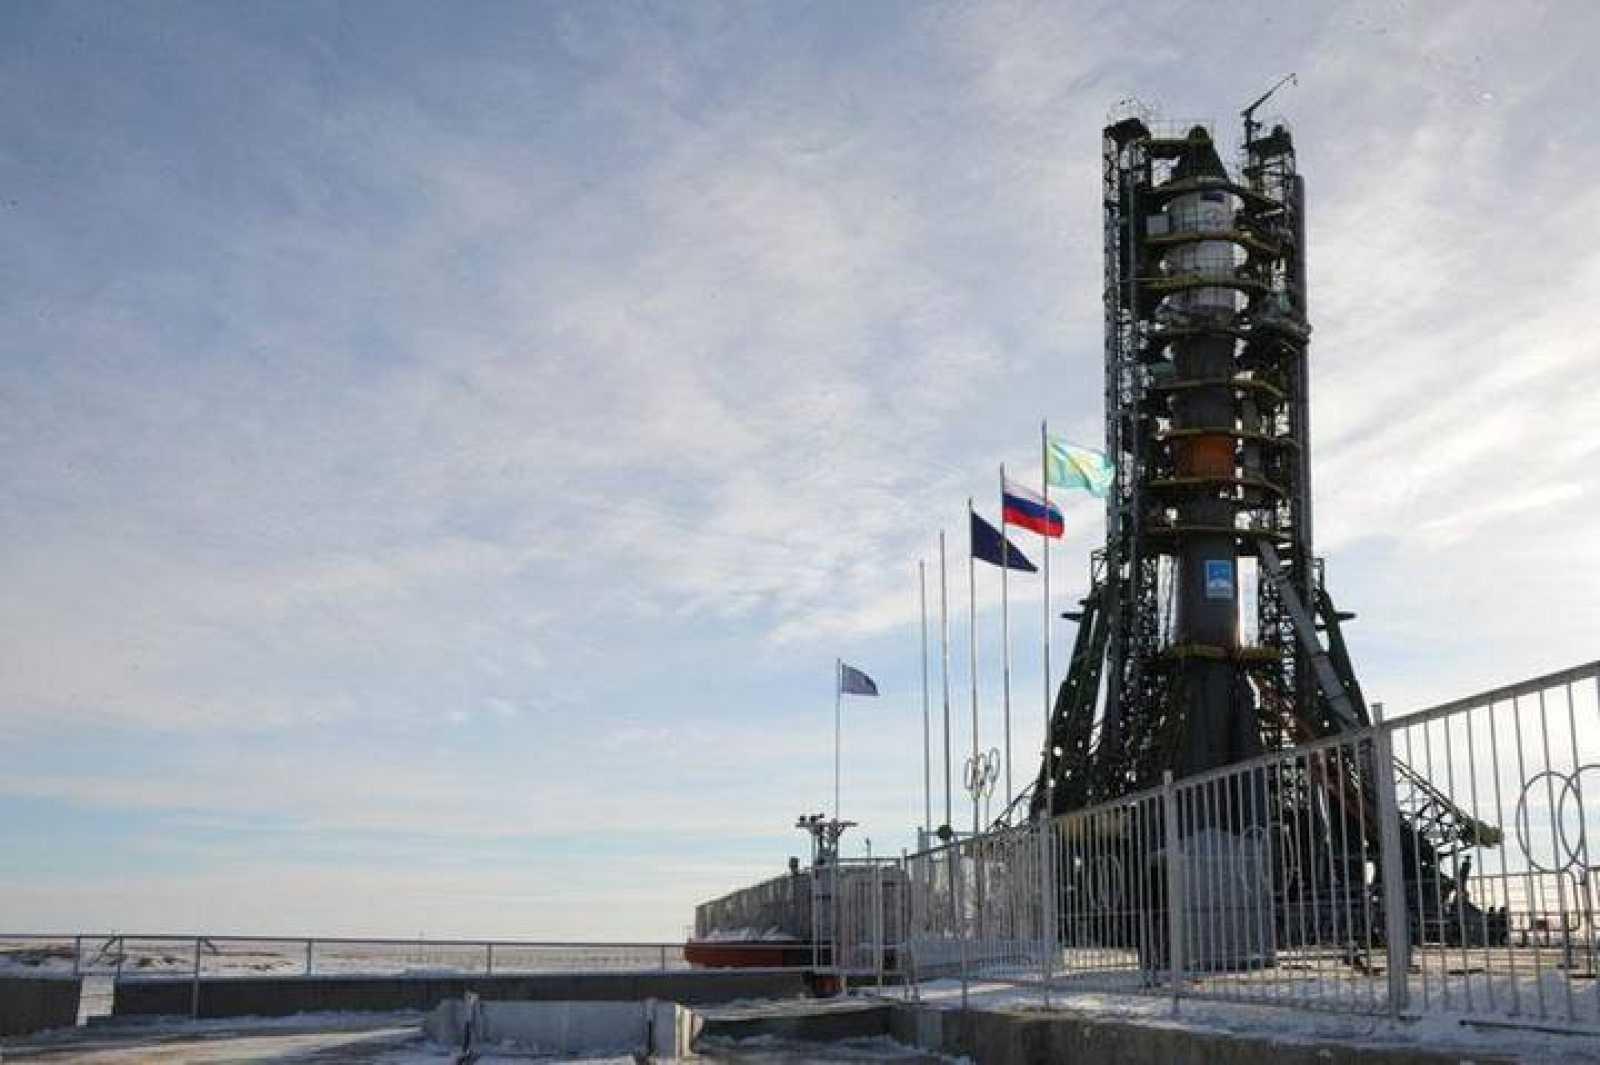 La Progress M-22M lista para su lanzamiento en la rampa de lanzamiento número 1 del cosmódromo de Baikonur